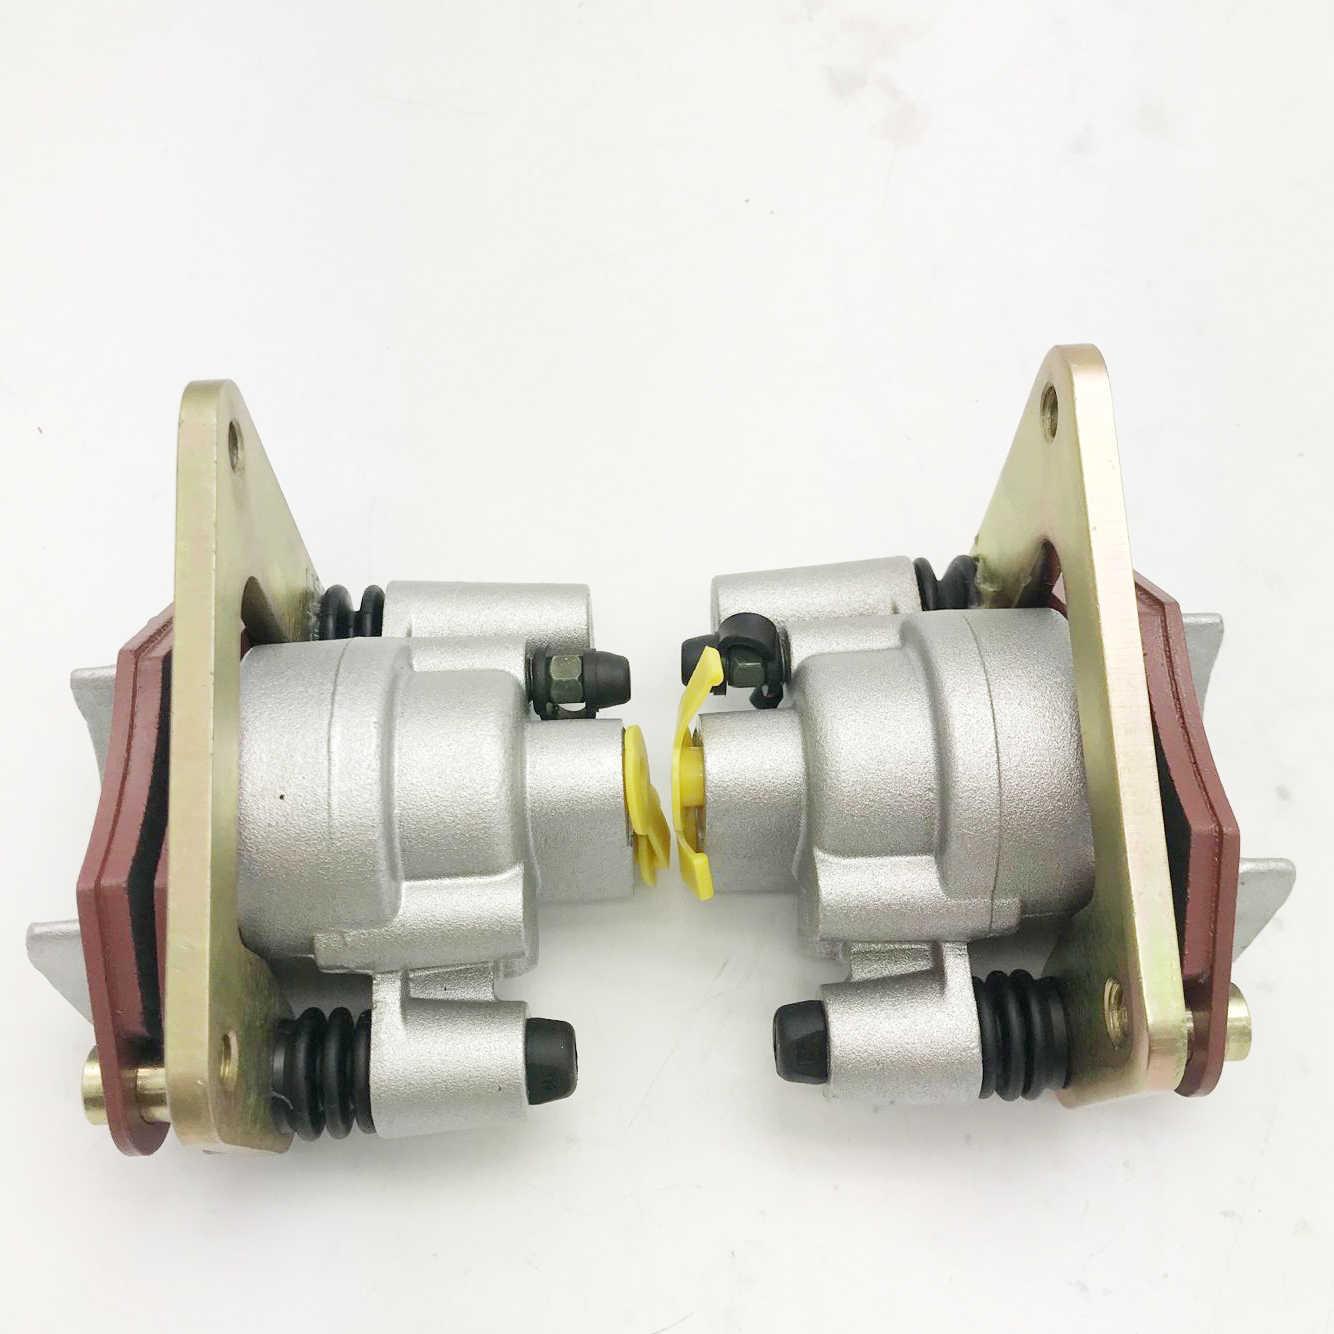 JA-ALL Rear Brake Caliper for CFMoto 500 500cc CF500 CF188 9010-080500 Bremssattel